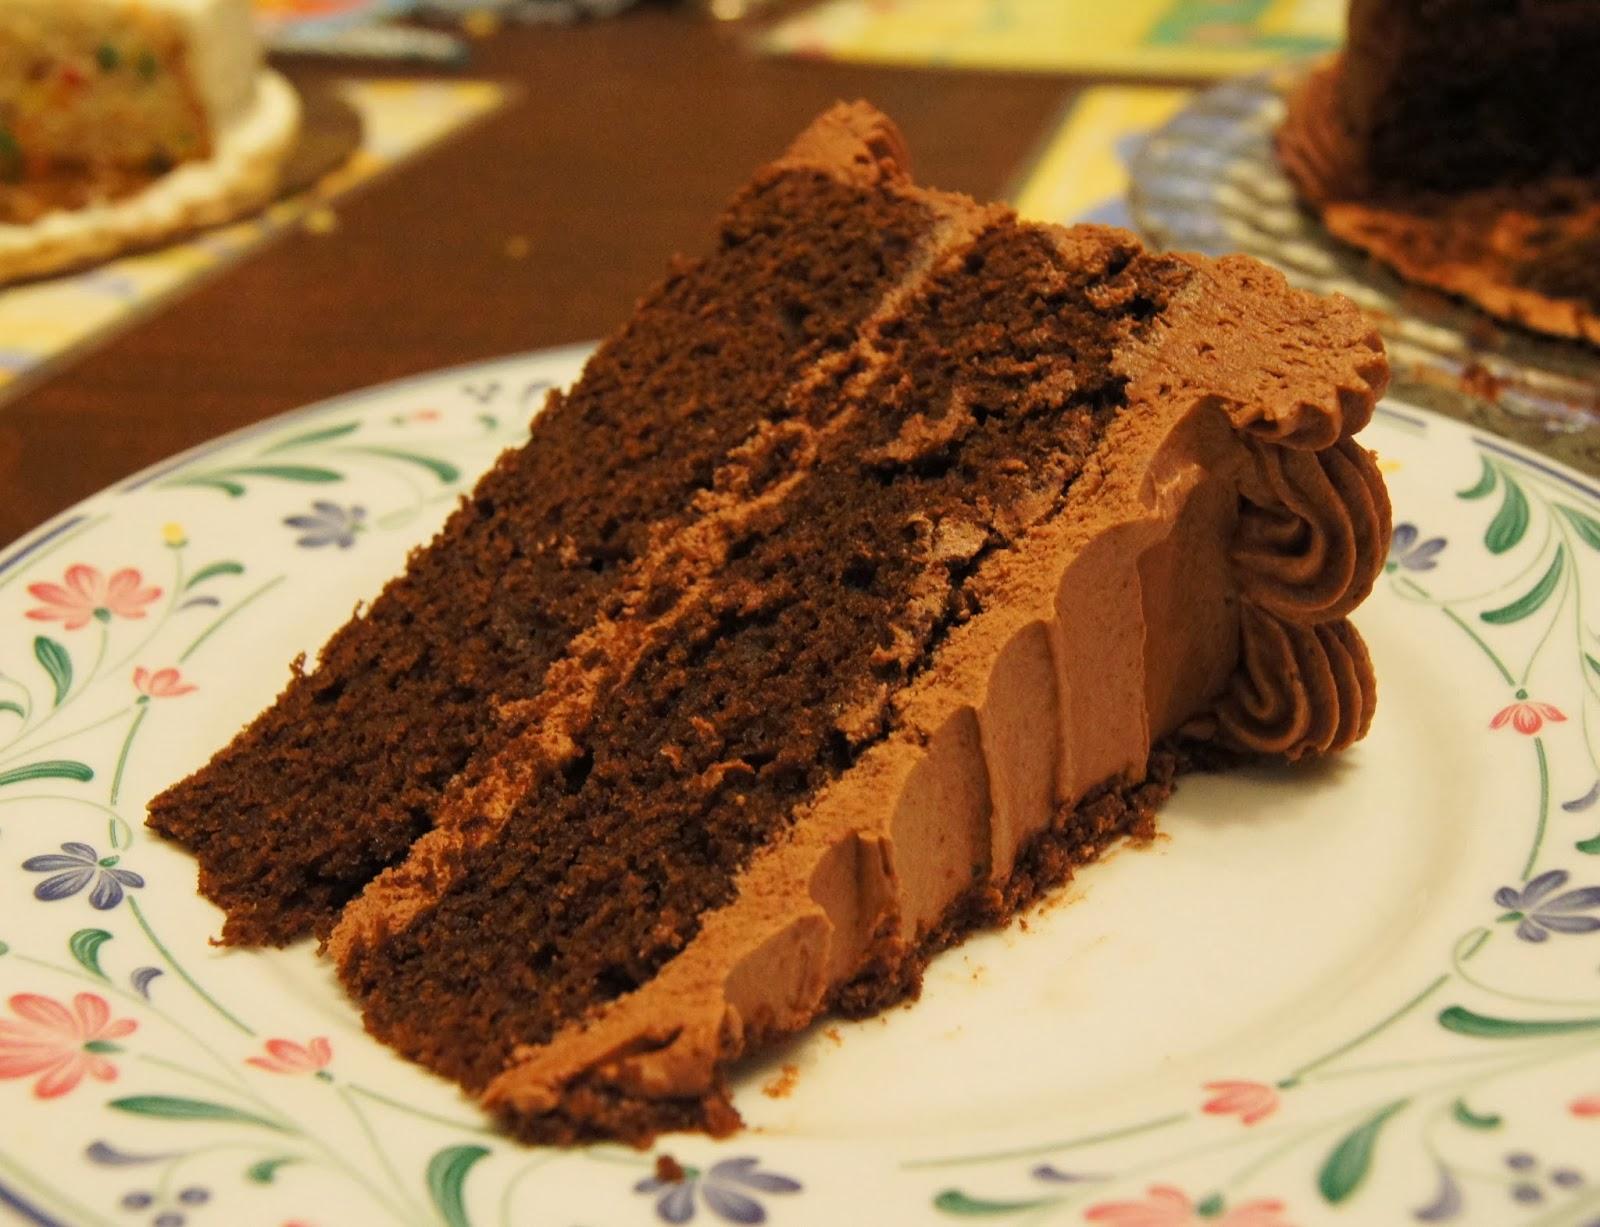 Chocolate cake recipe buttermilk cocoa